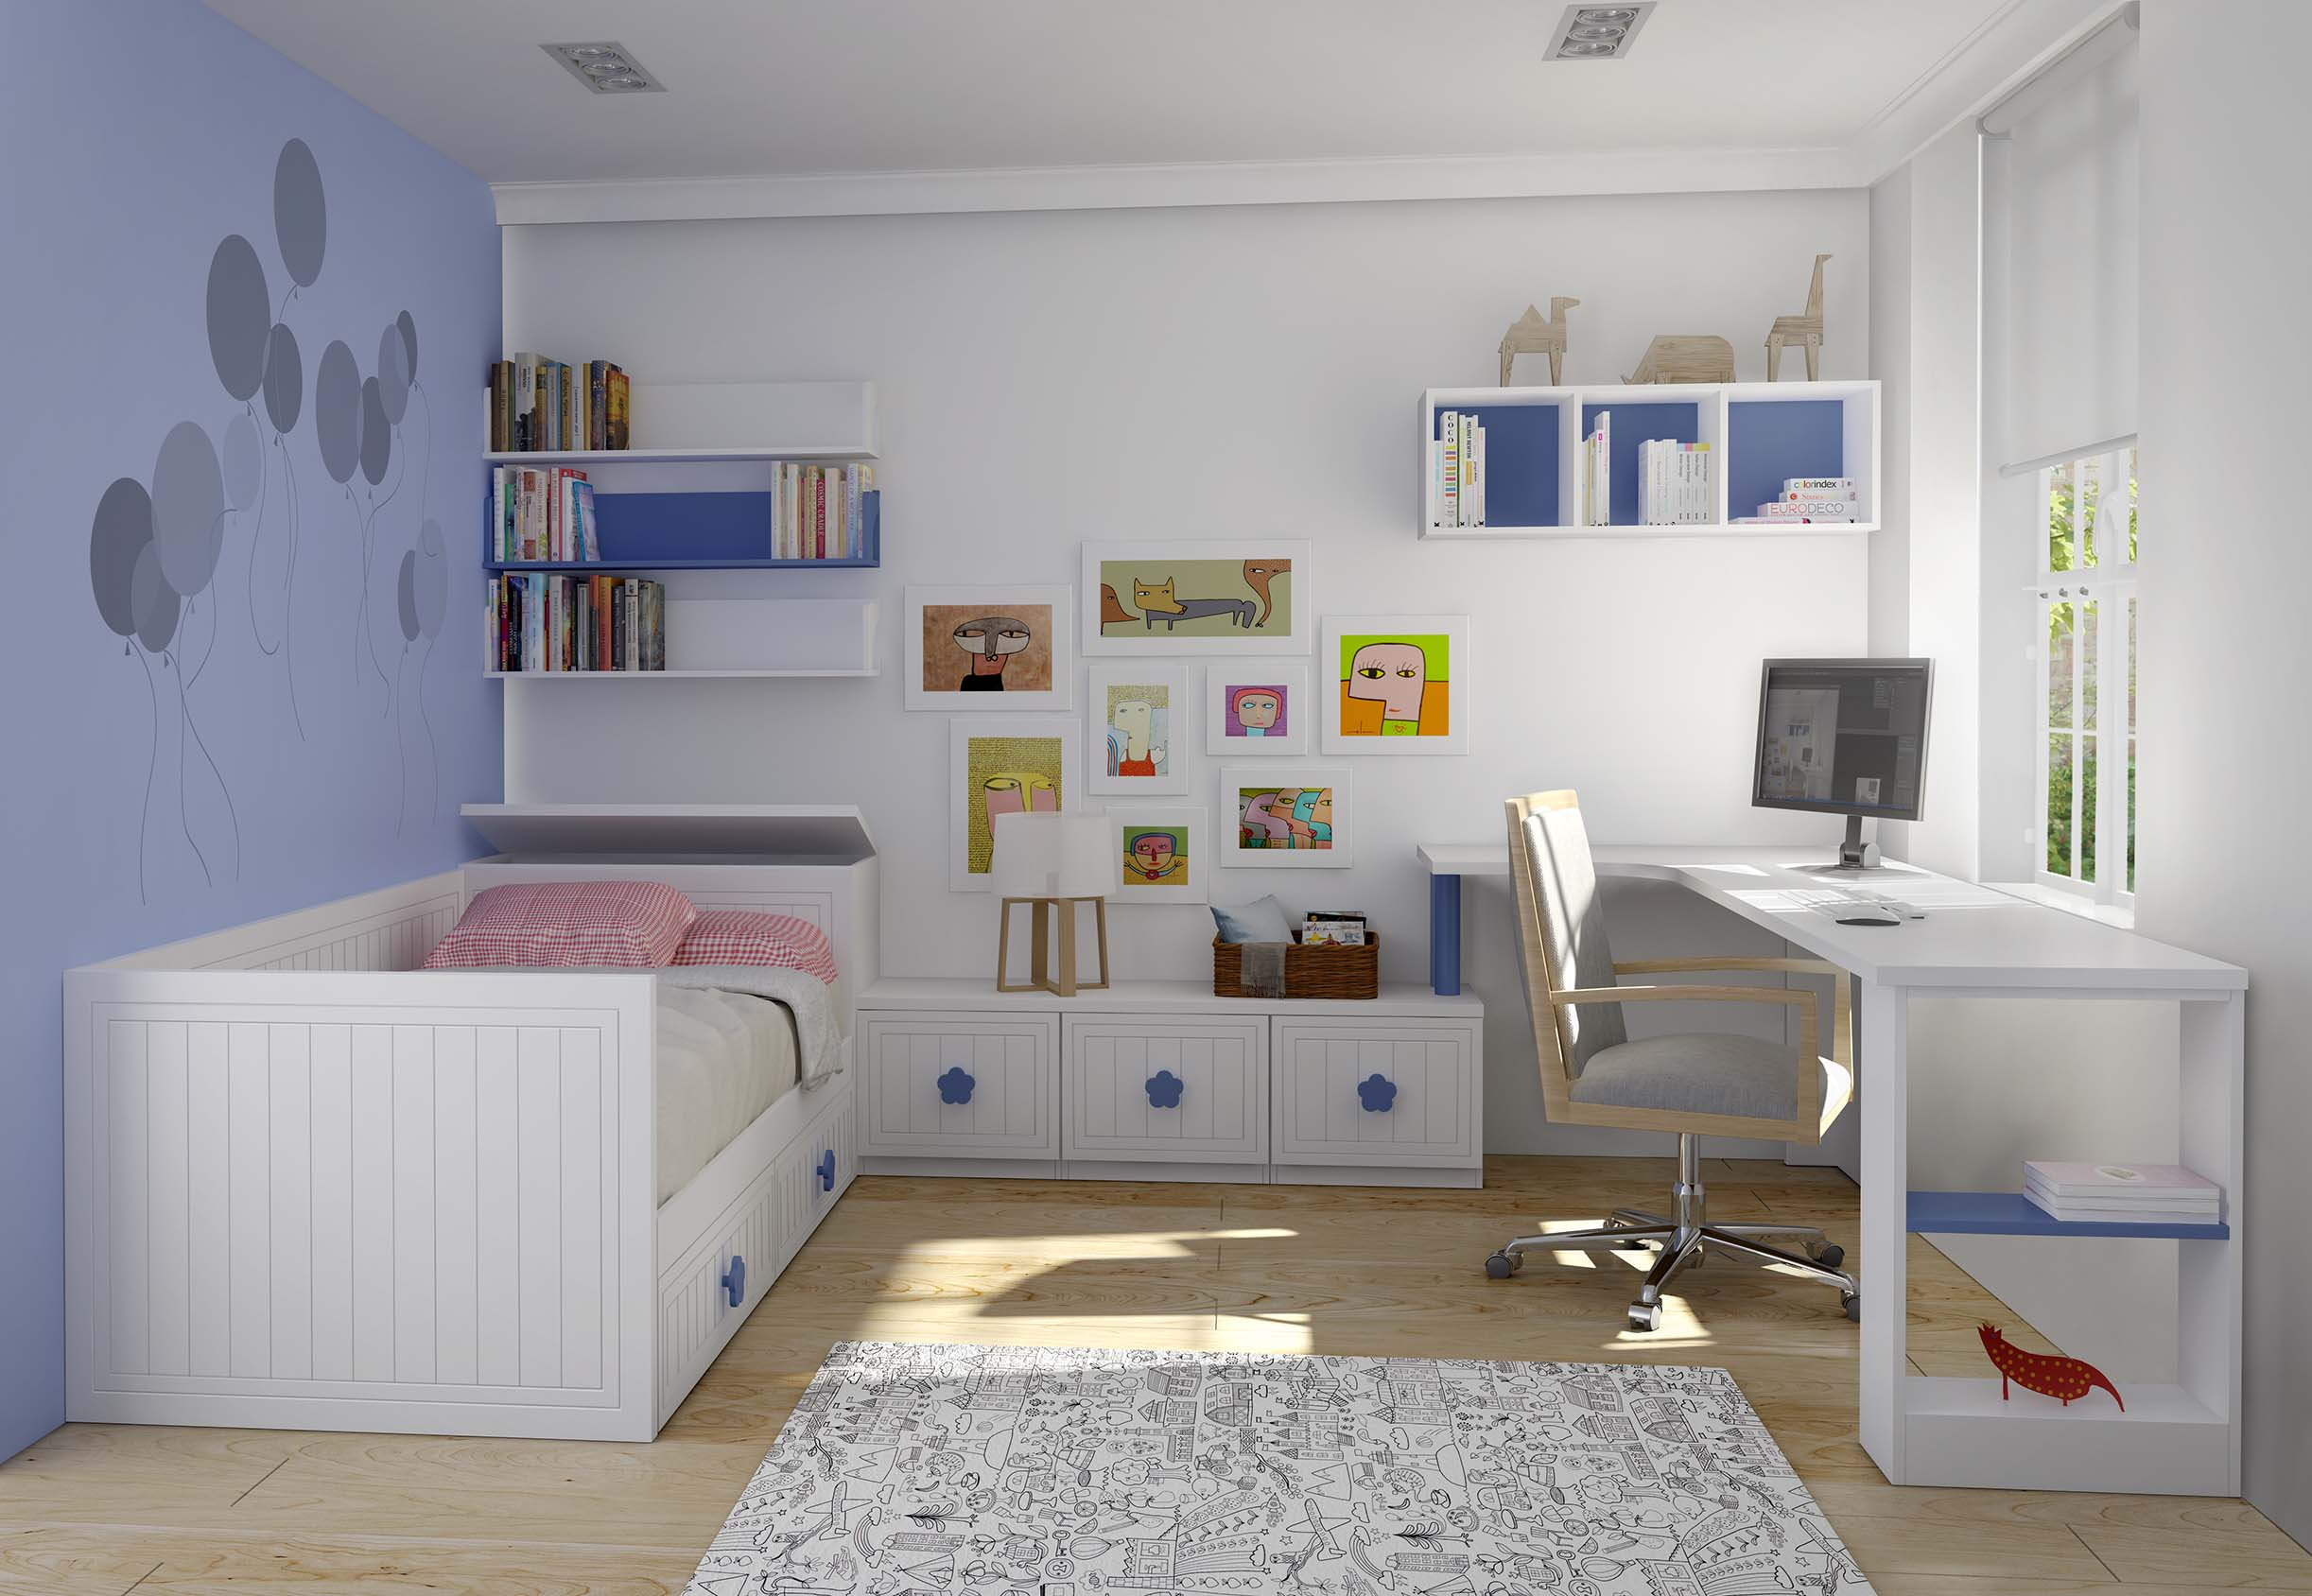 Compacto 5 dlpmobiliario fabricante de dormitorios - Fabricantes de dormitorios juveniles ...